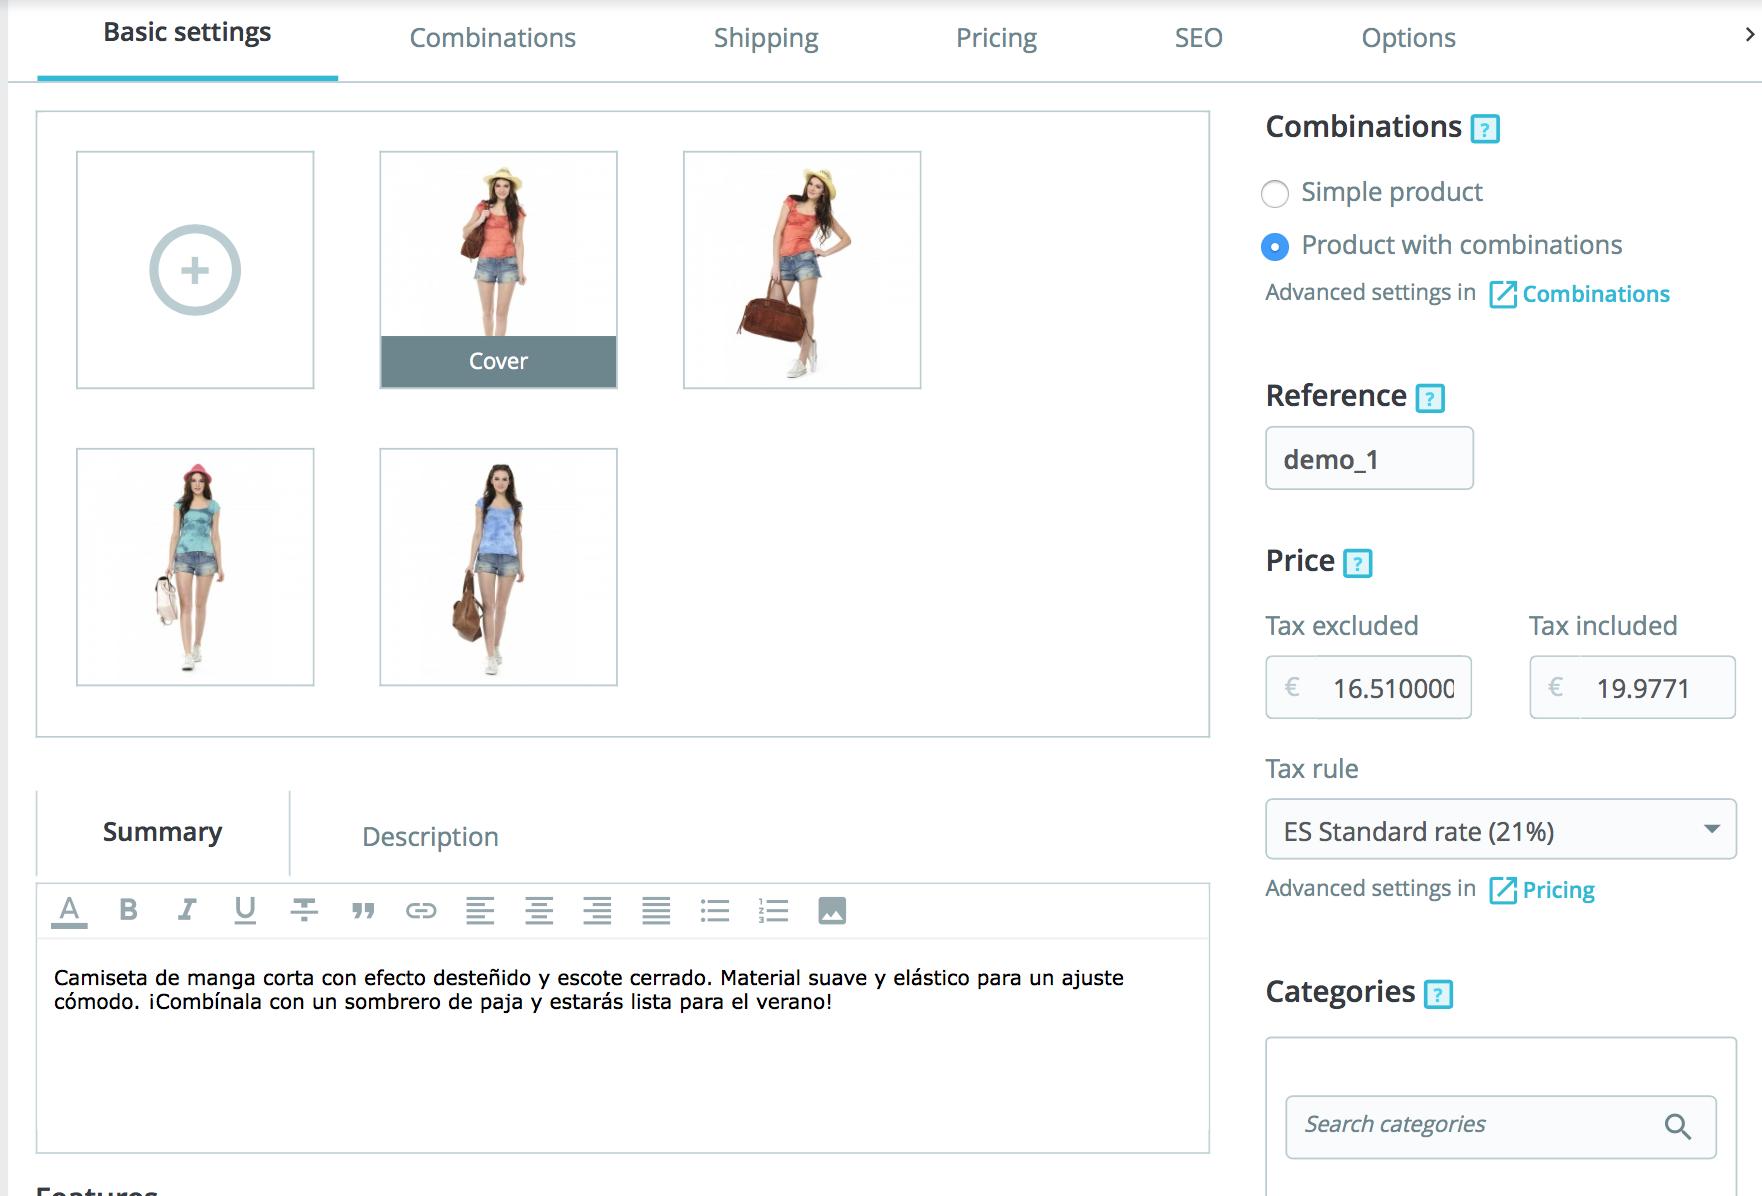 incluye las opciones de imagen,  precio, impuestos, categorías, descripción corta y larga